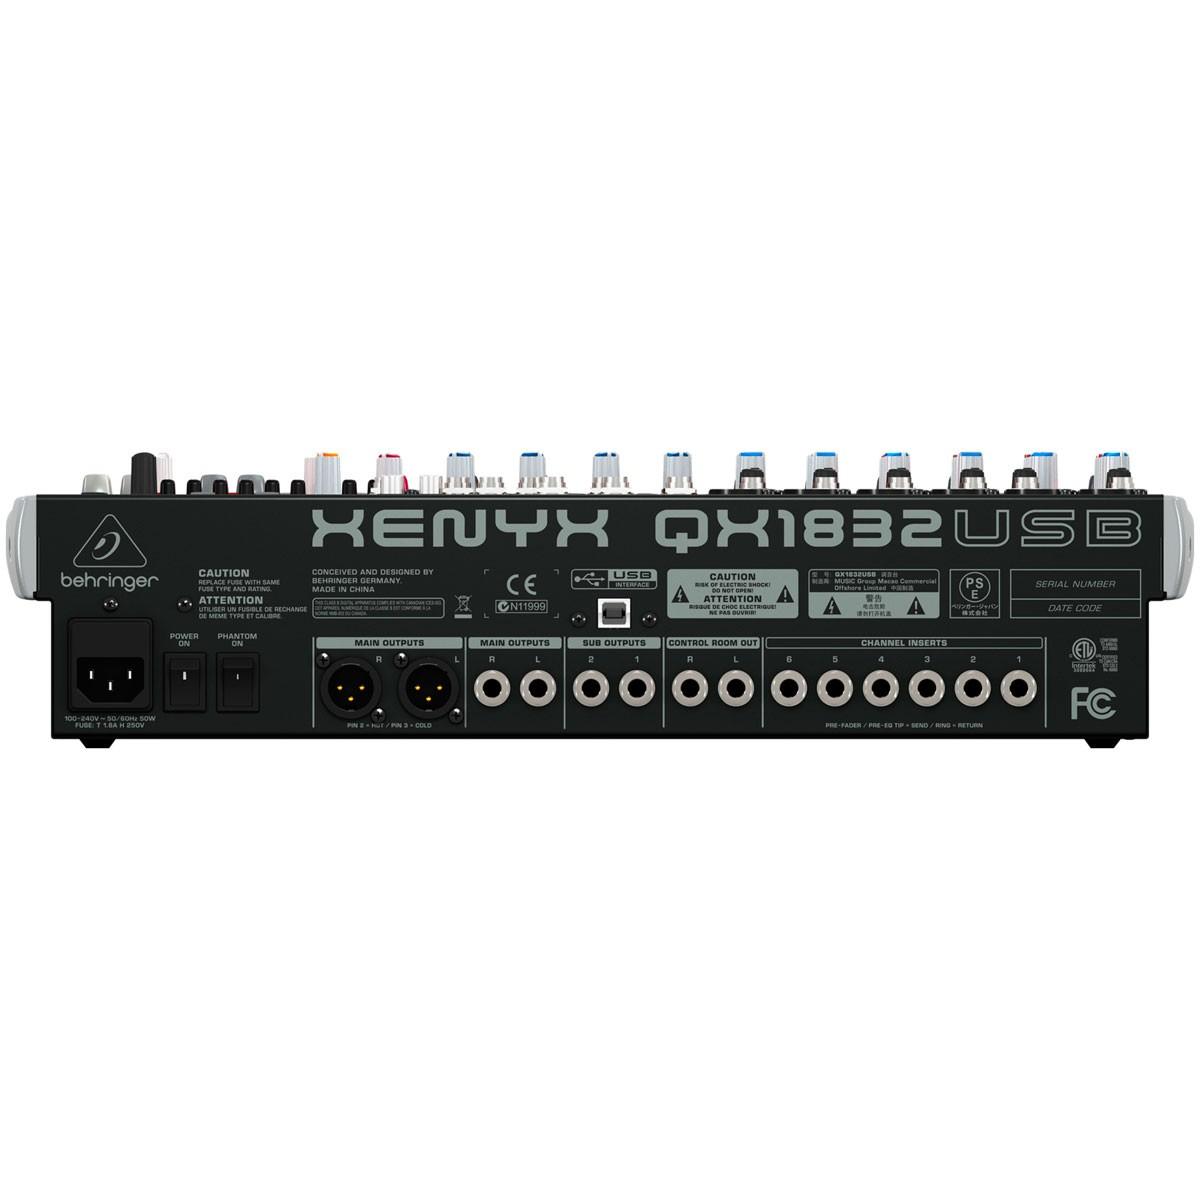 Mesa de som Xenyx QX1832 USB - Behringer